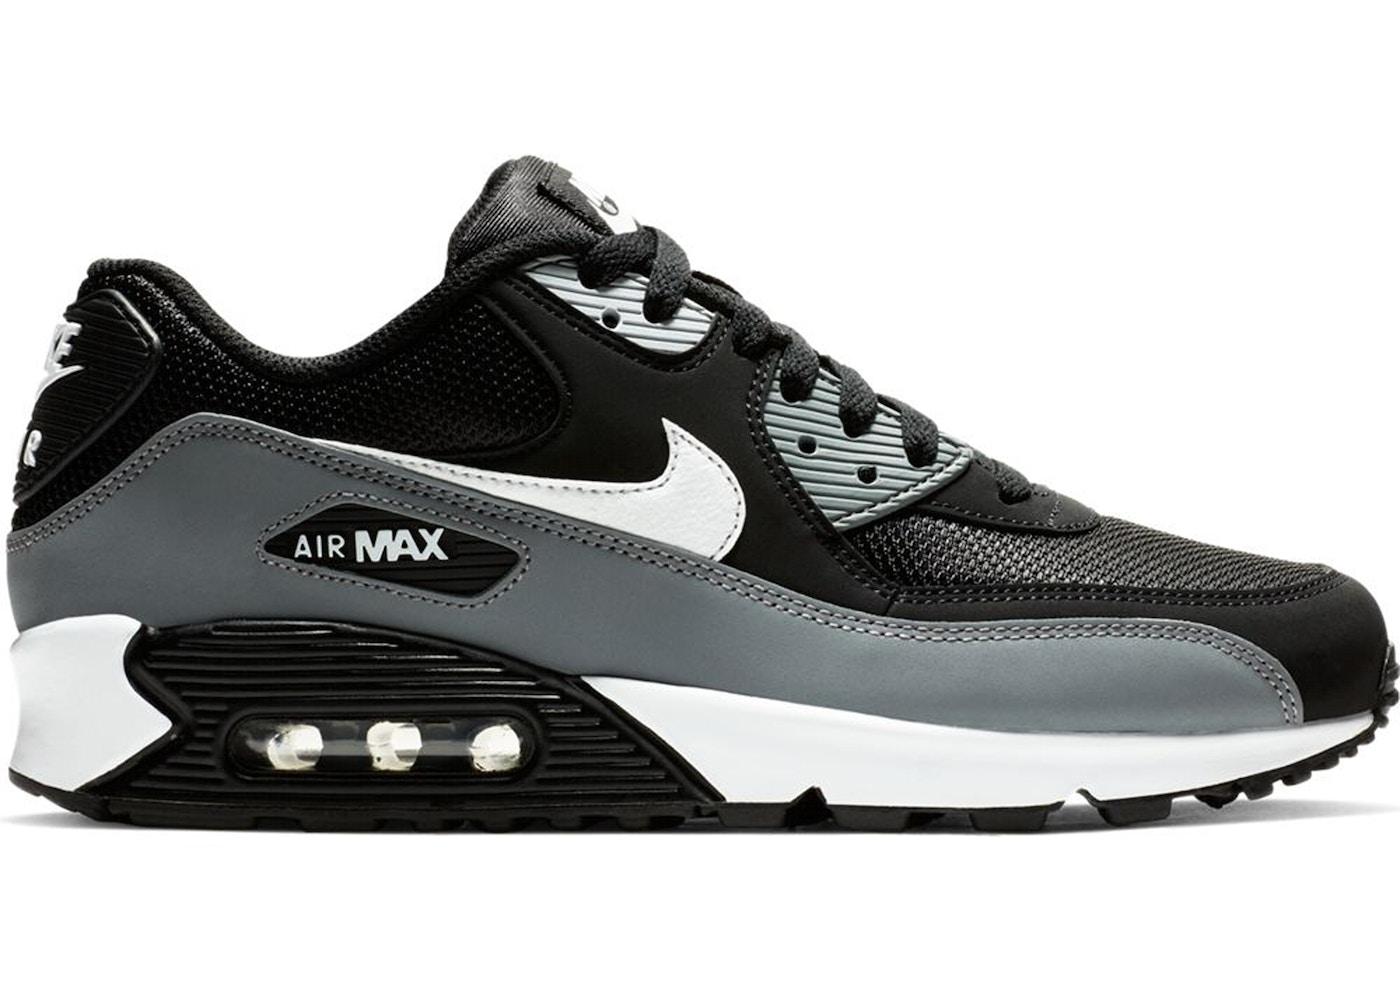 Air Max 90 Black Cool Grey White